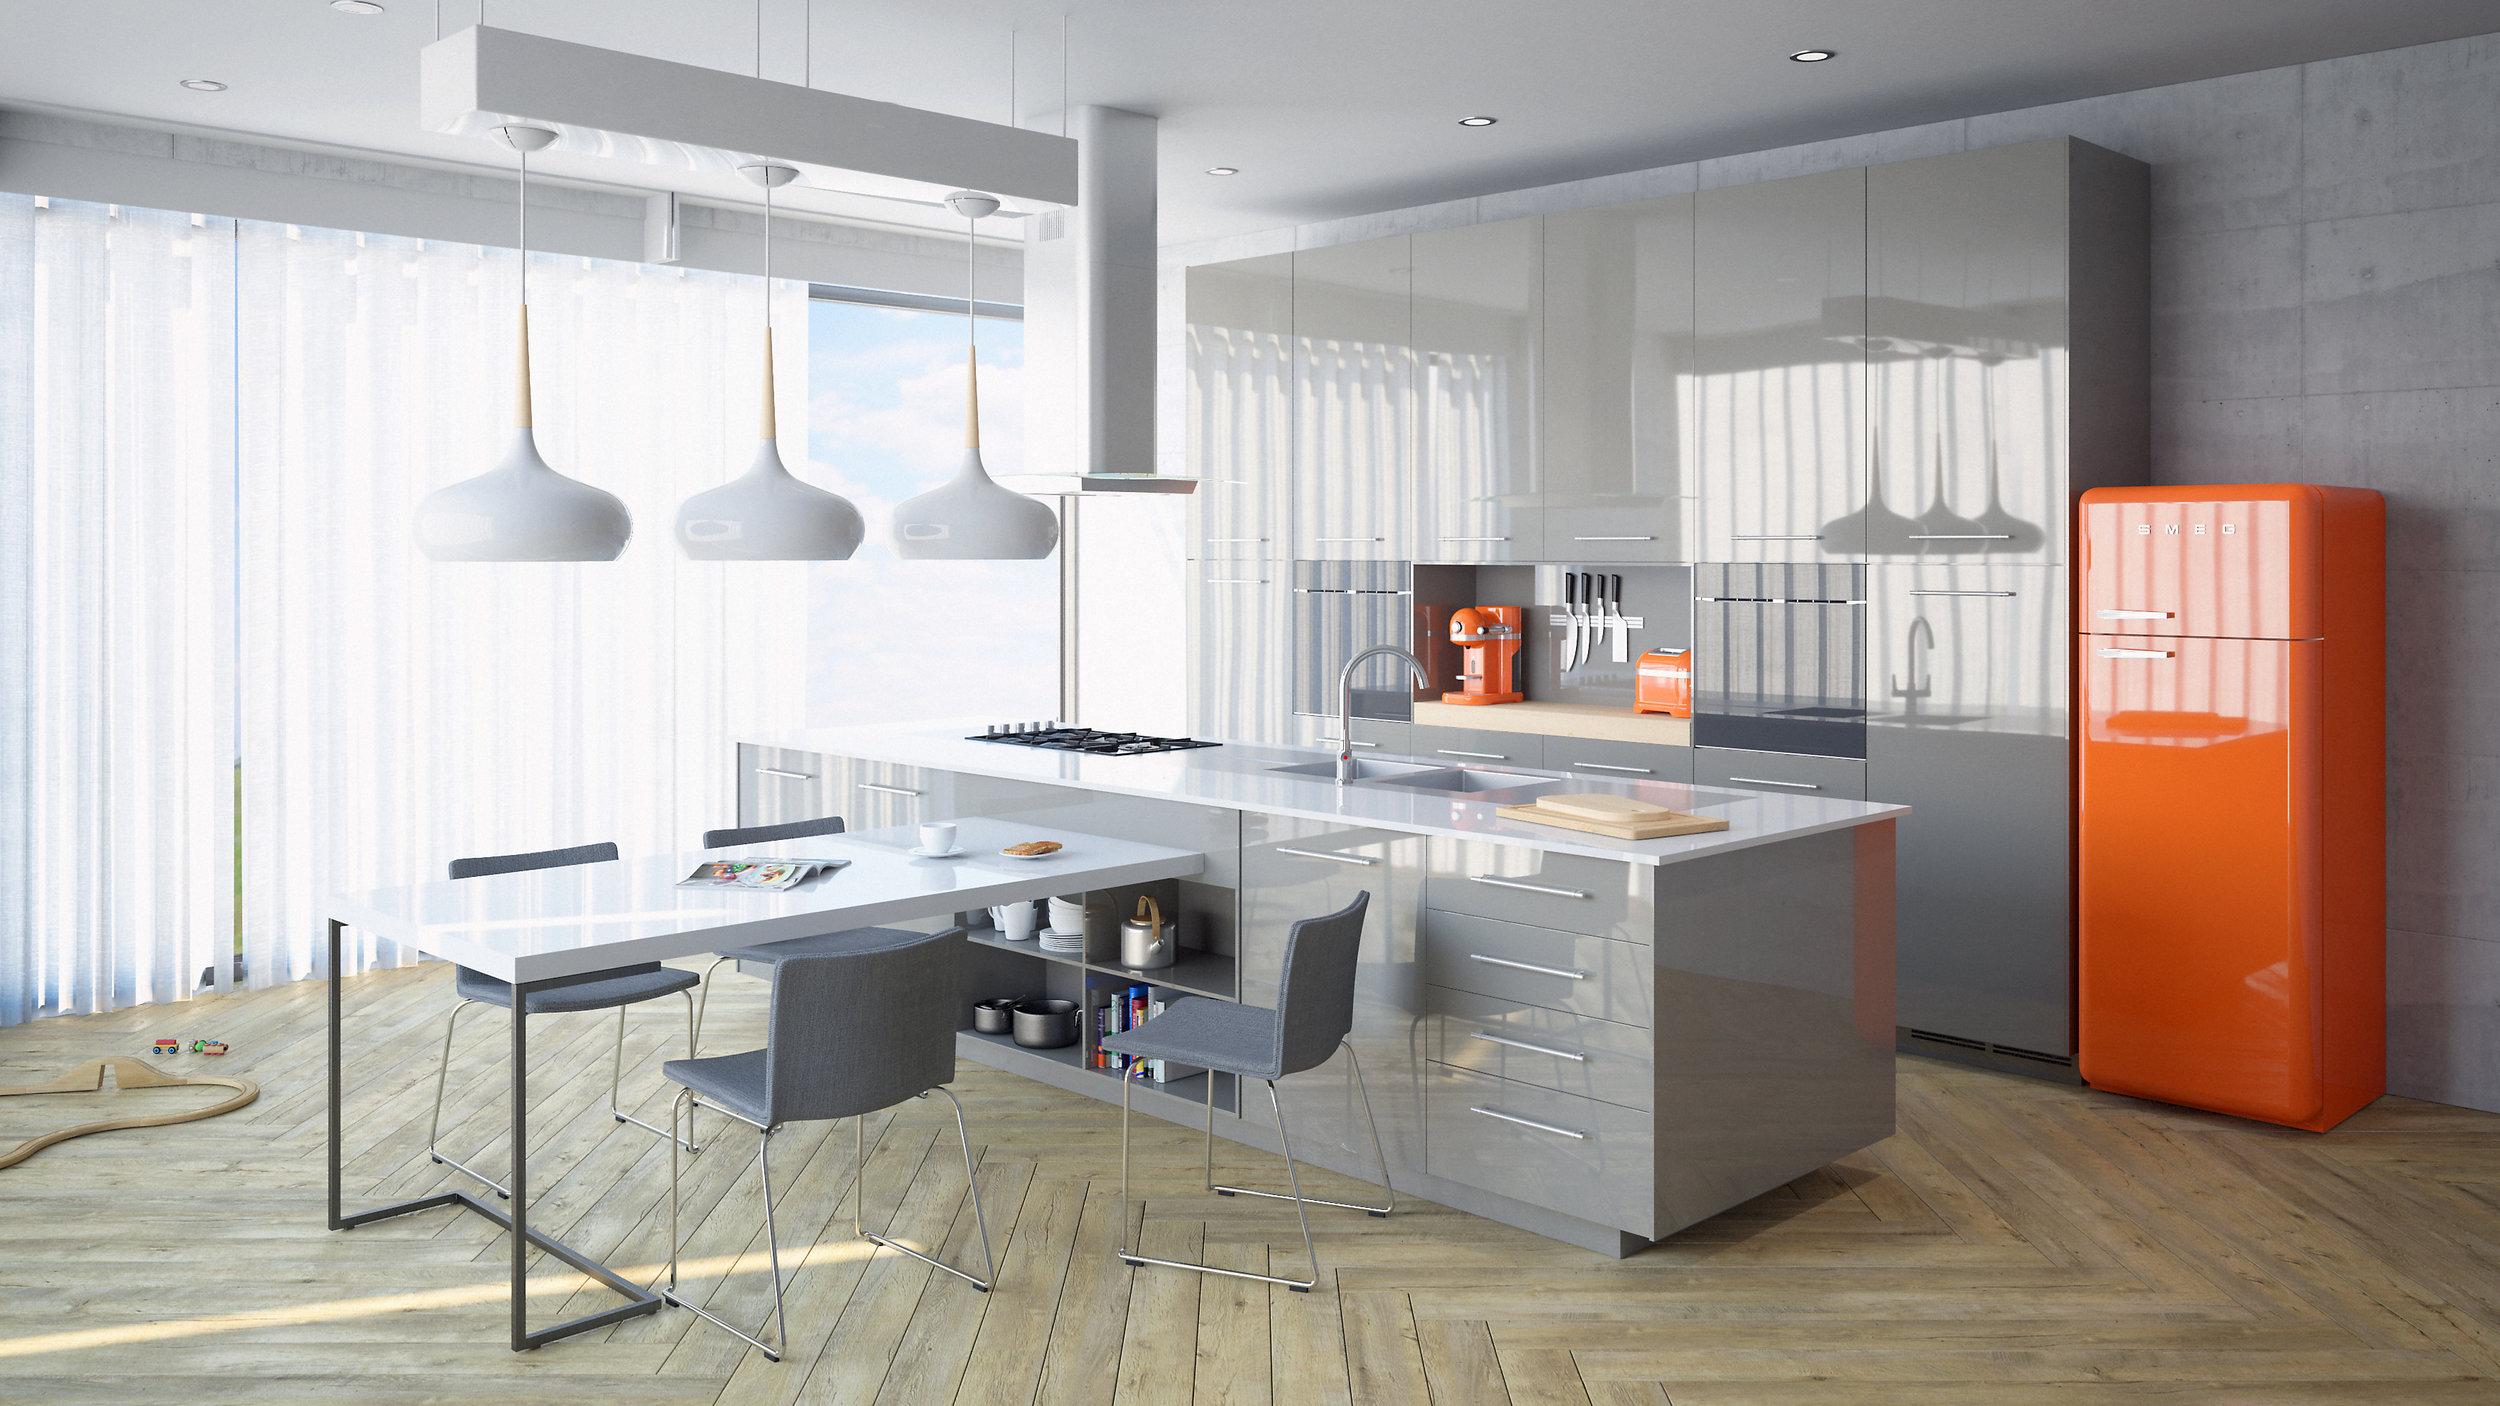 kitchencgi.jpg